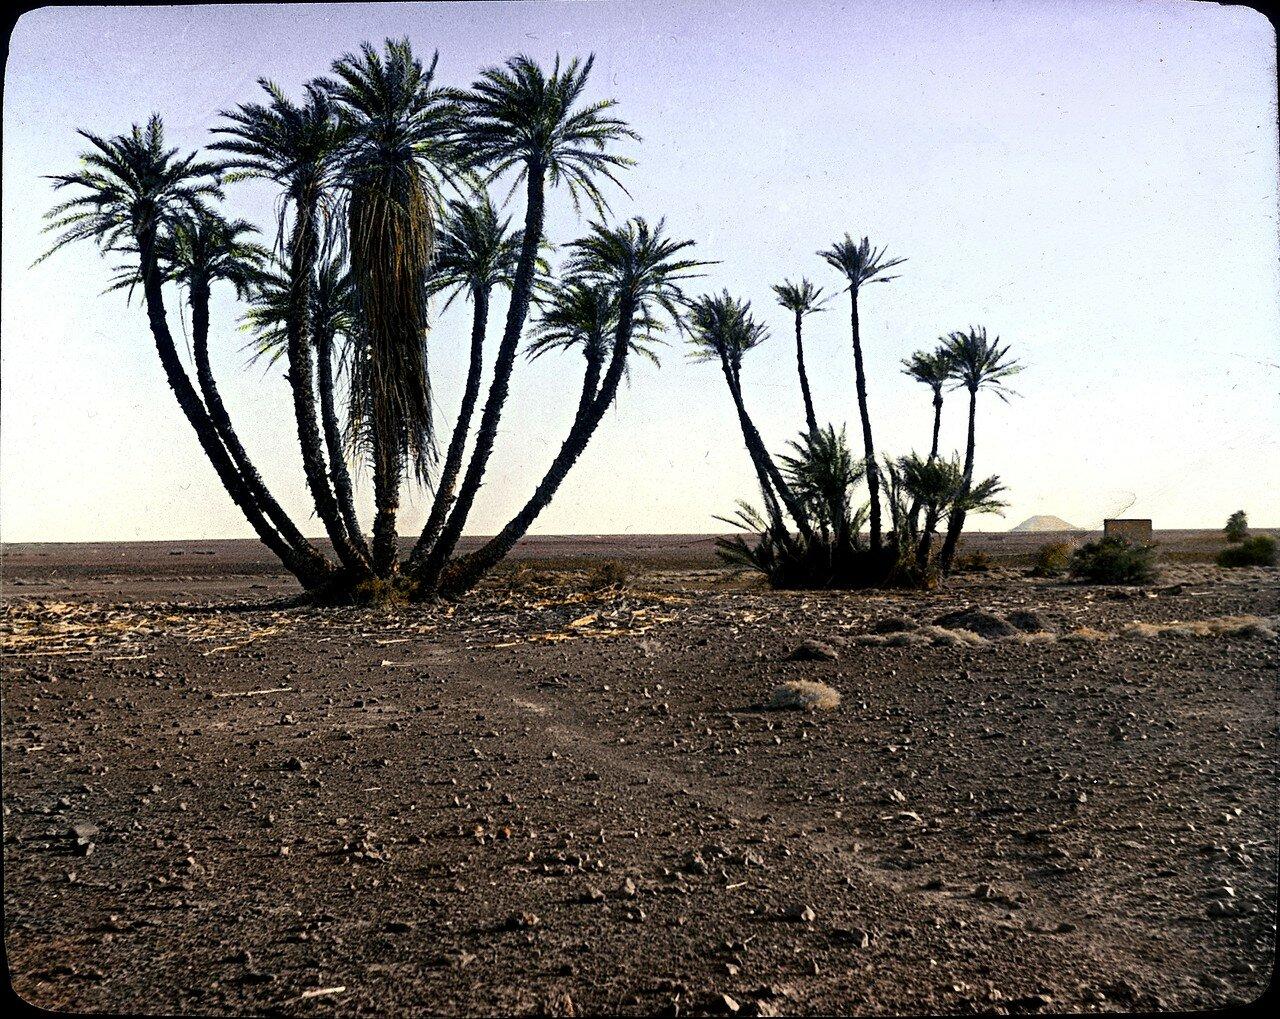 Мали. Оазис Силет. Пальмы в пустыне